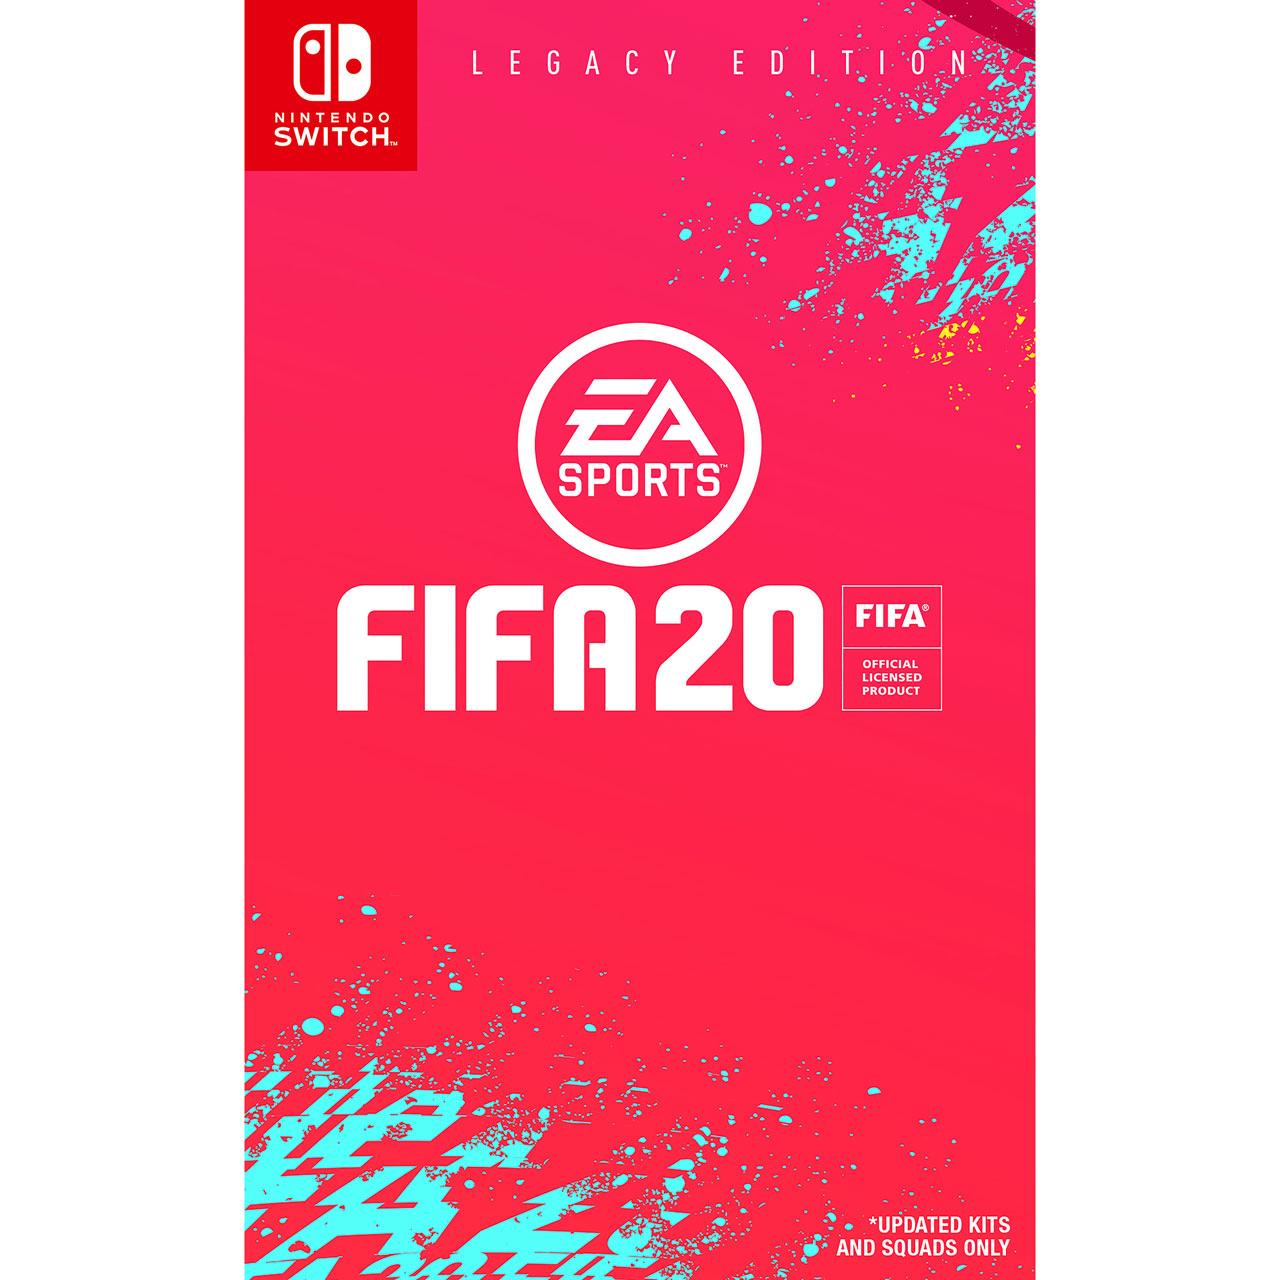 [Nintendo Switch] FIFA 20 (Pre-order) - £29 - AO